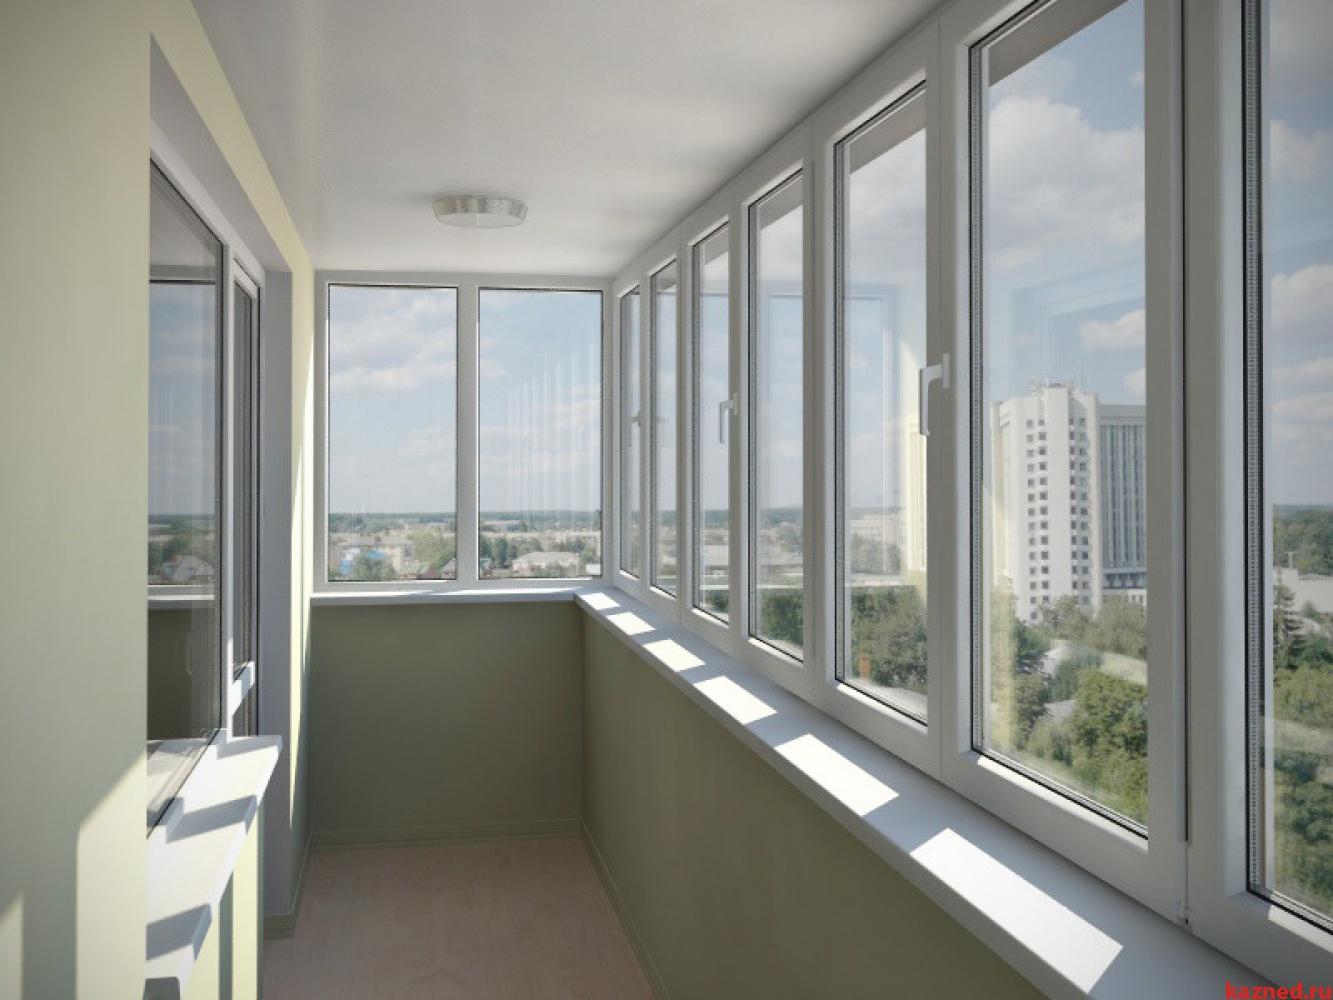 Раздвижной алюминий и пластиковые окна на балконы и лоджии. .